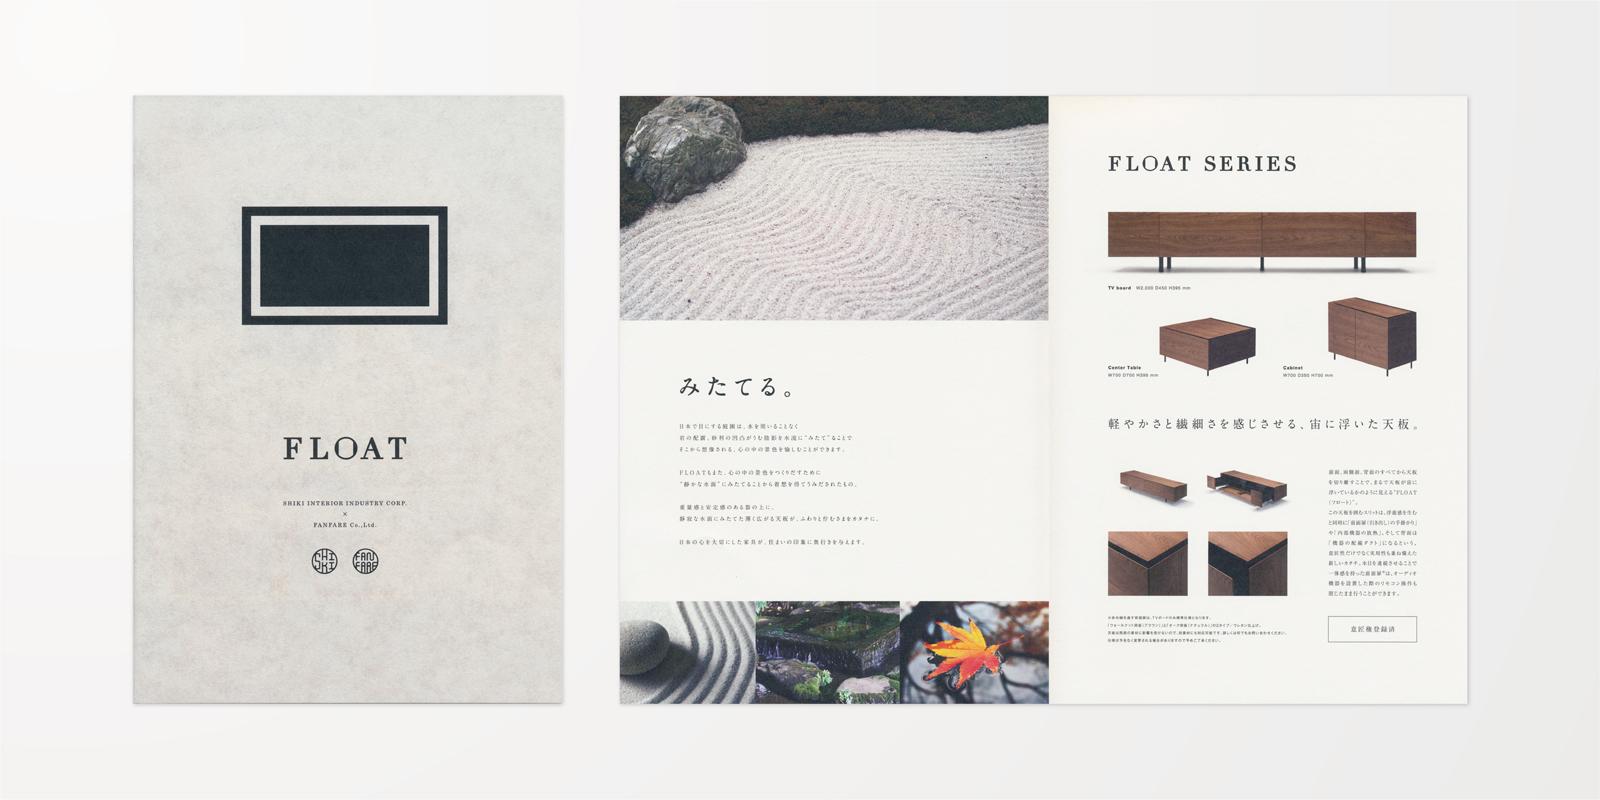 07_FLOAT_leaflet_image